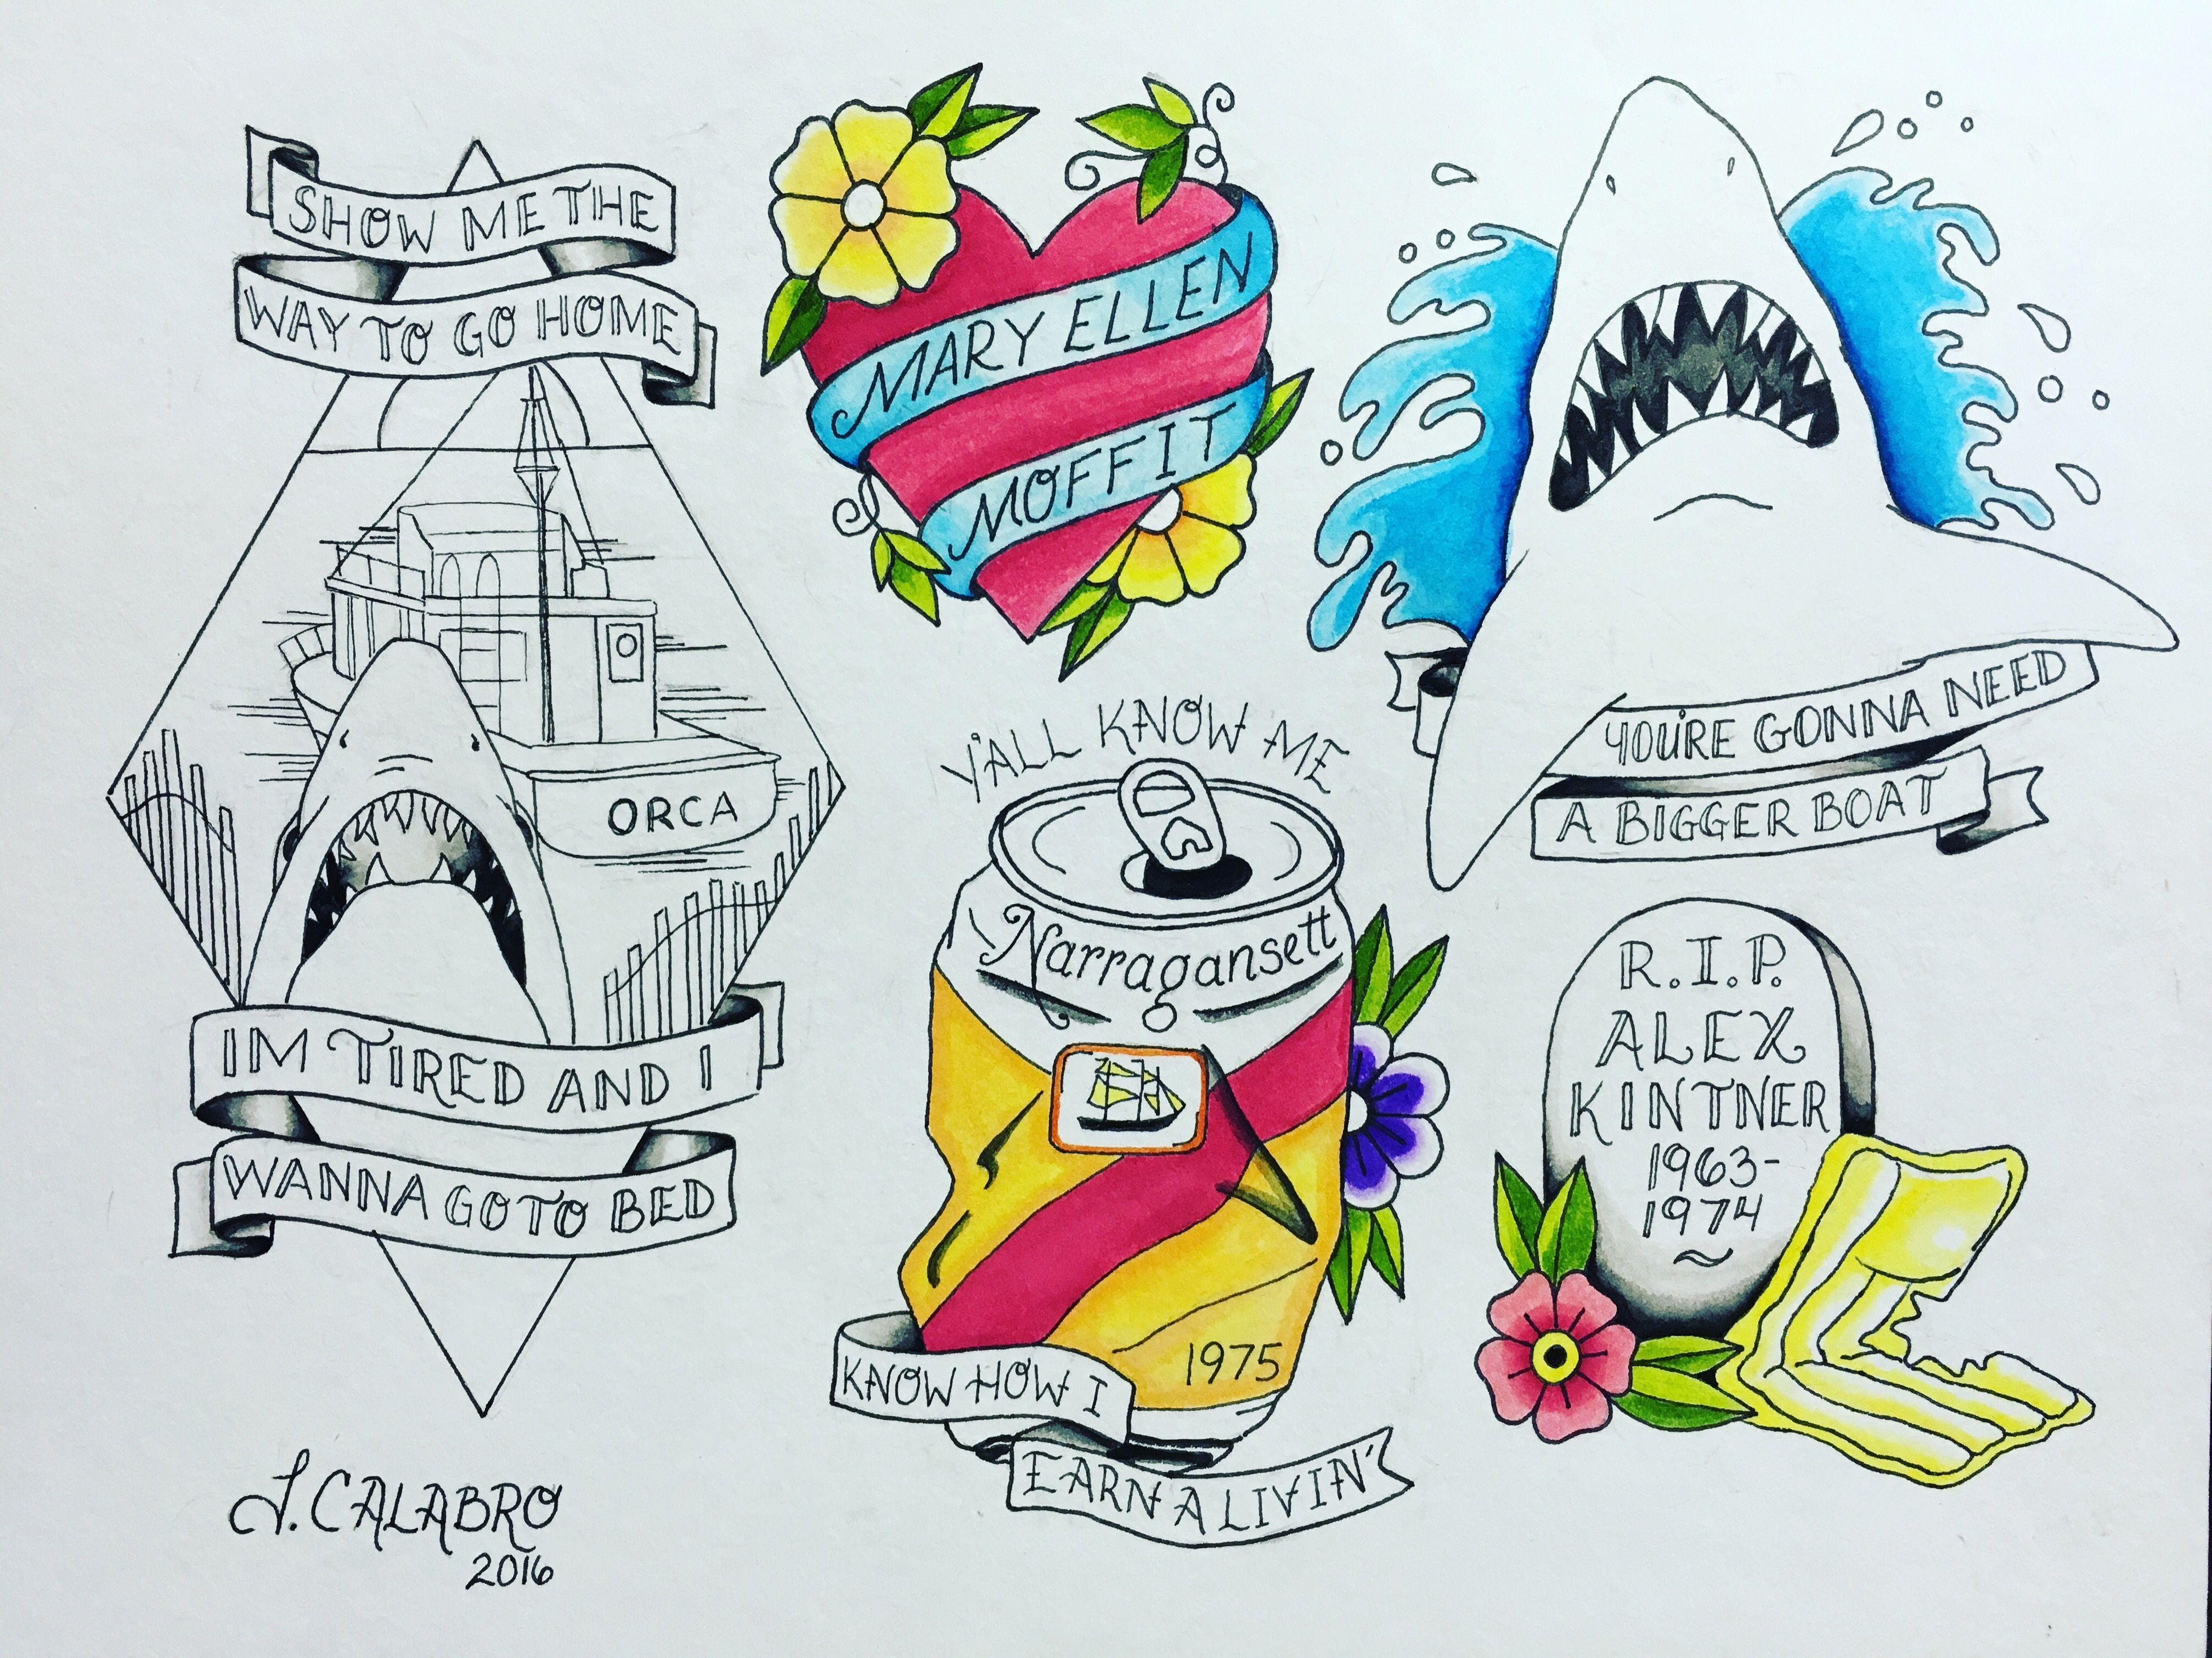 Instagram Jaw Tattoos: Horror Tattoo, Shark Tattoos